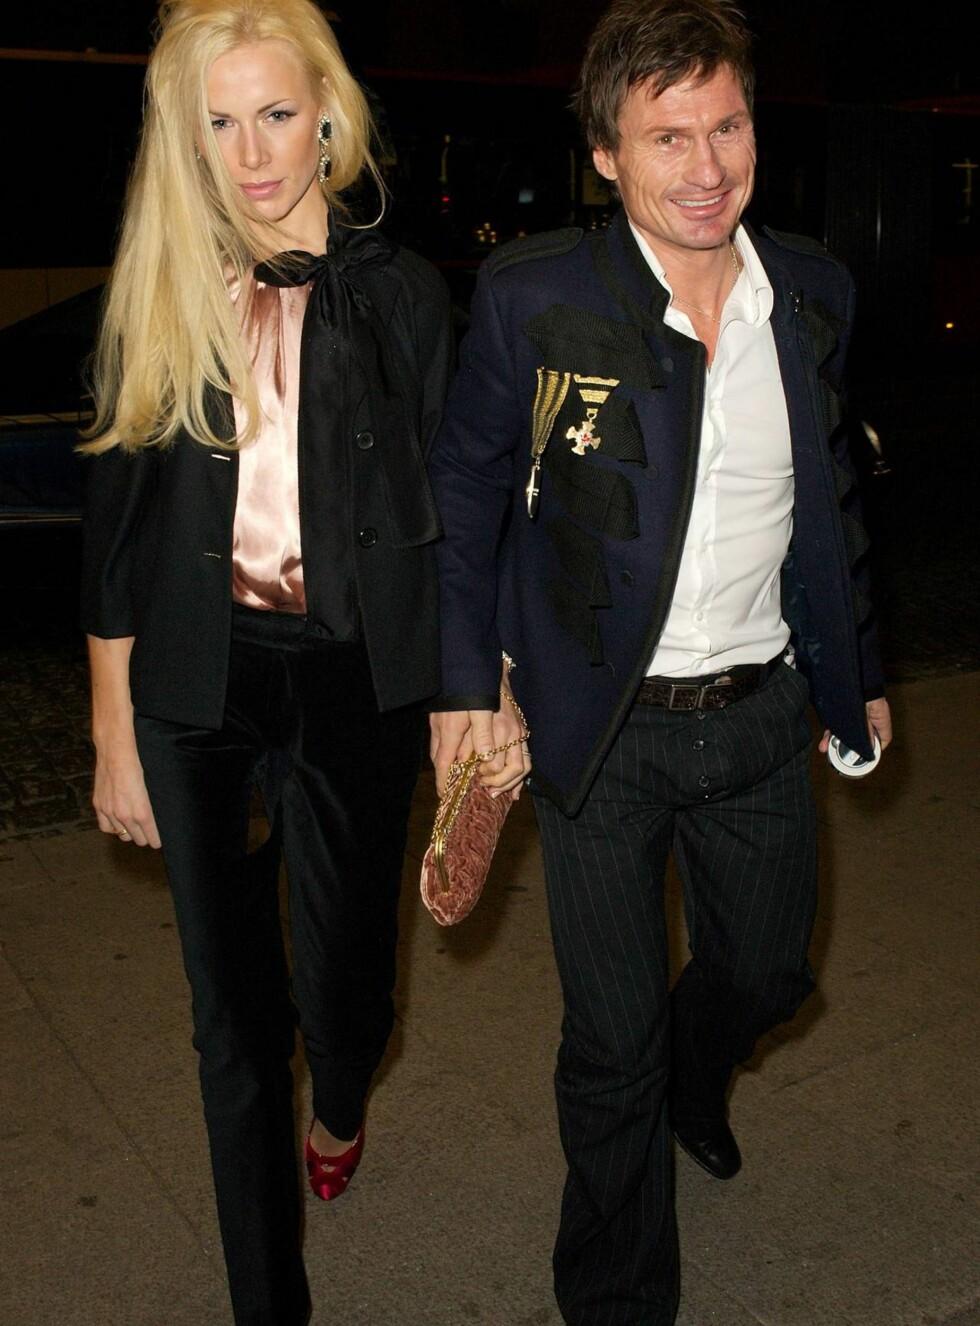 TRENDY PAR: Petter Stordalen er stolt av sin vakre kjæreste Gunhild Melhus - som i kveld viser mote for designeren Nora Farah. Foto: Andreas Fadum